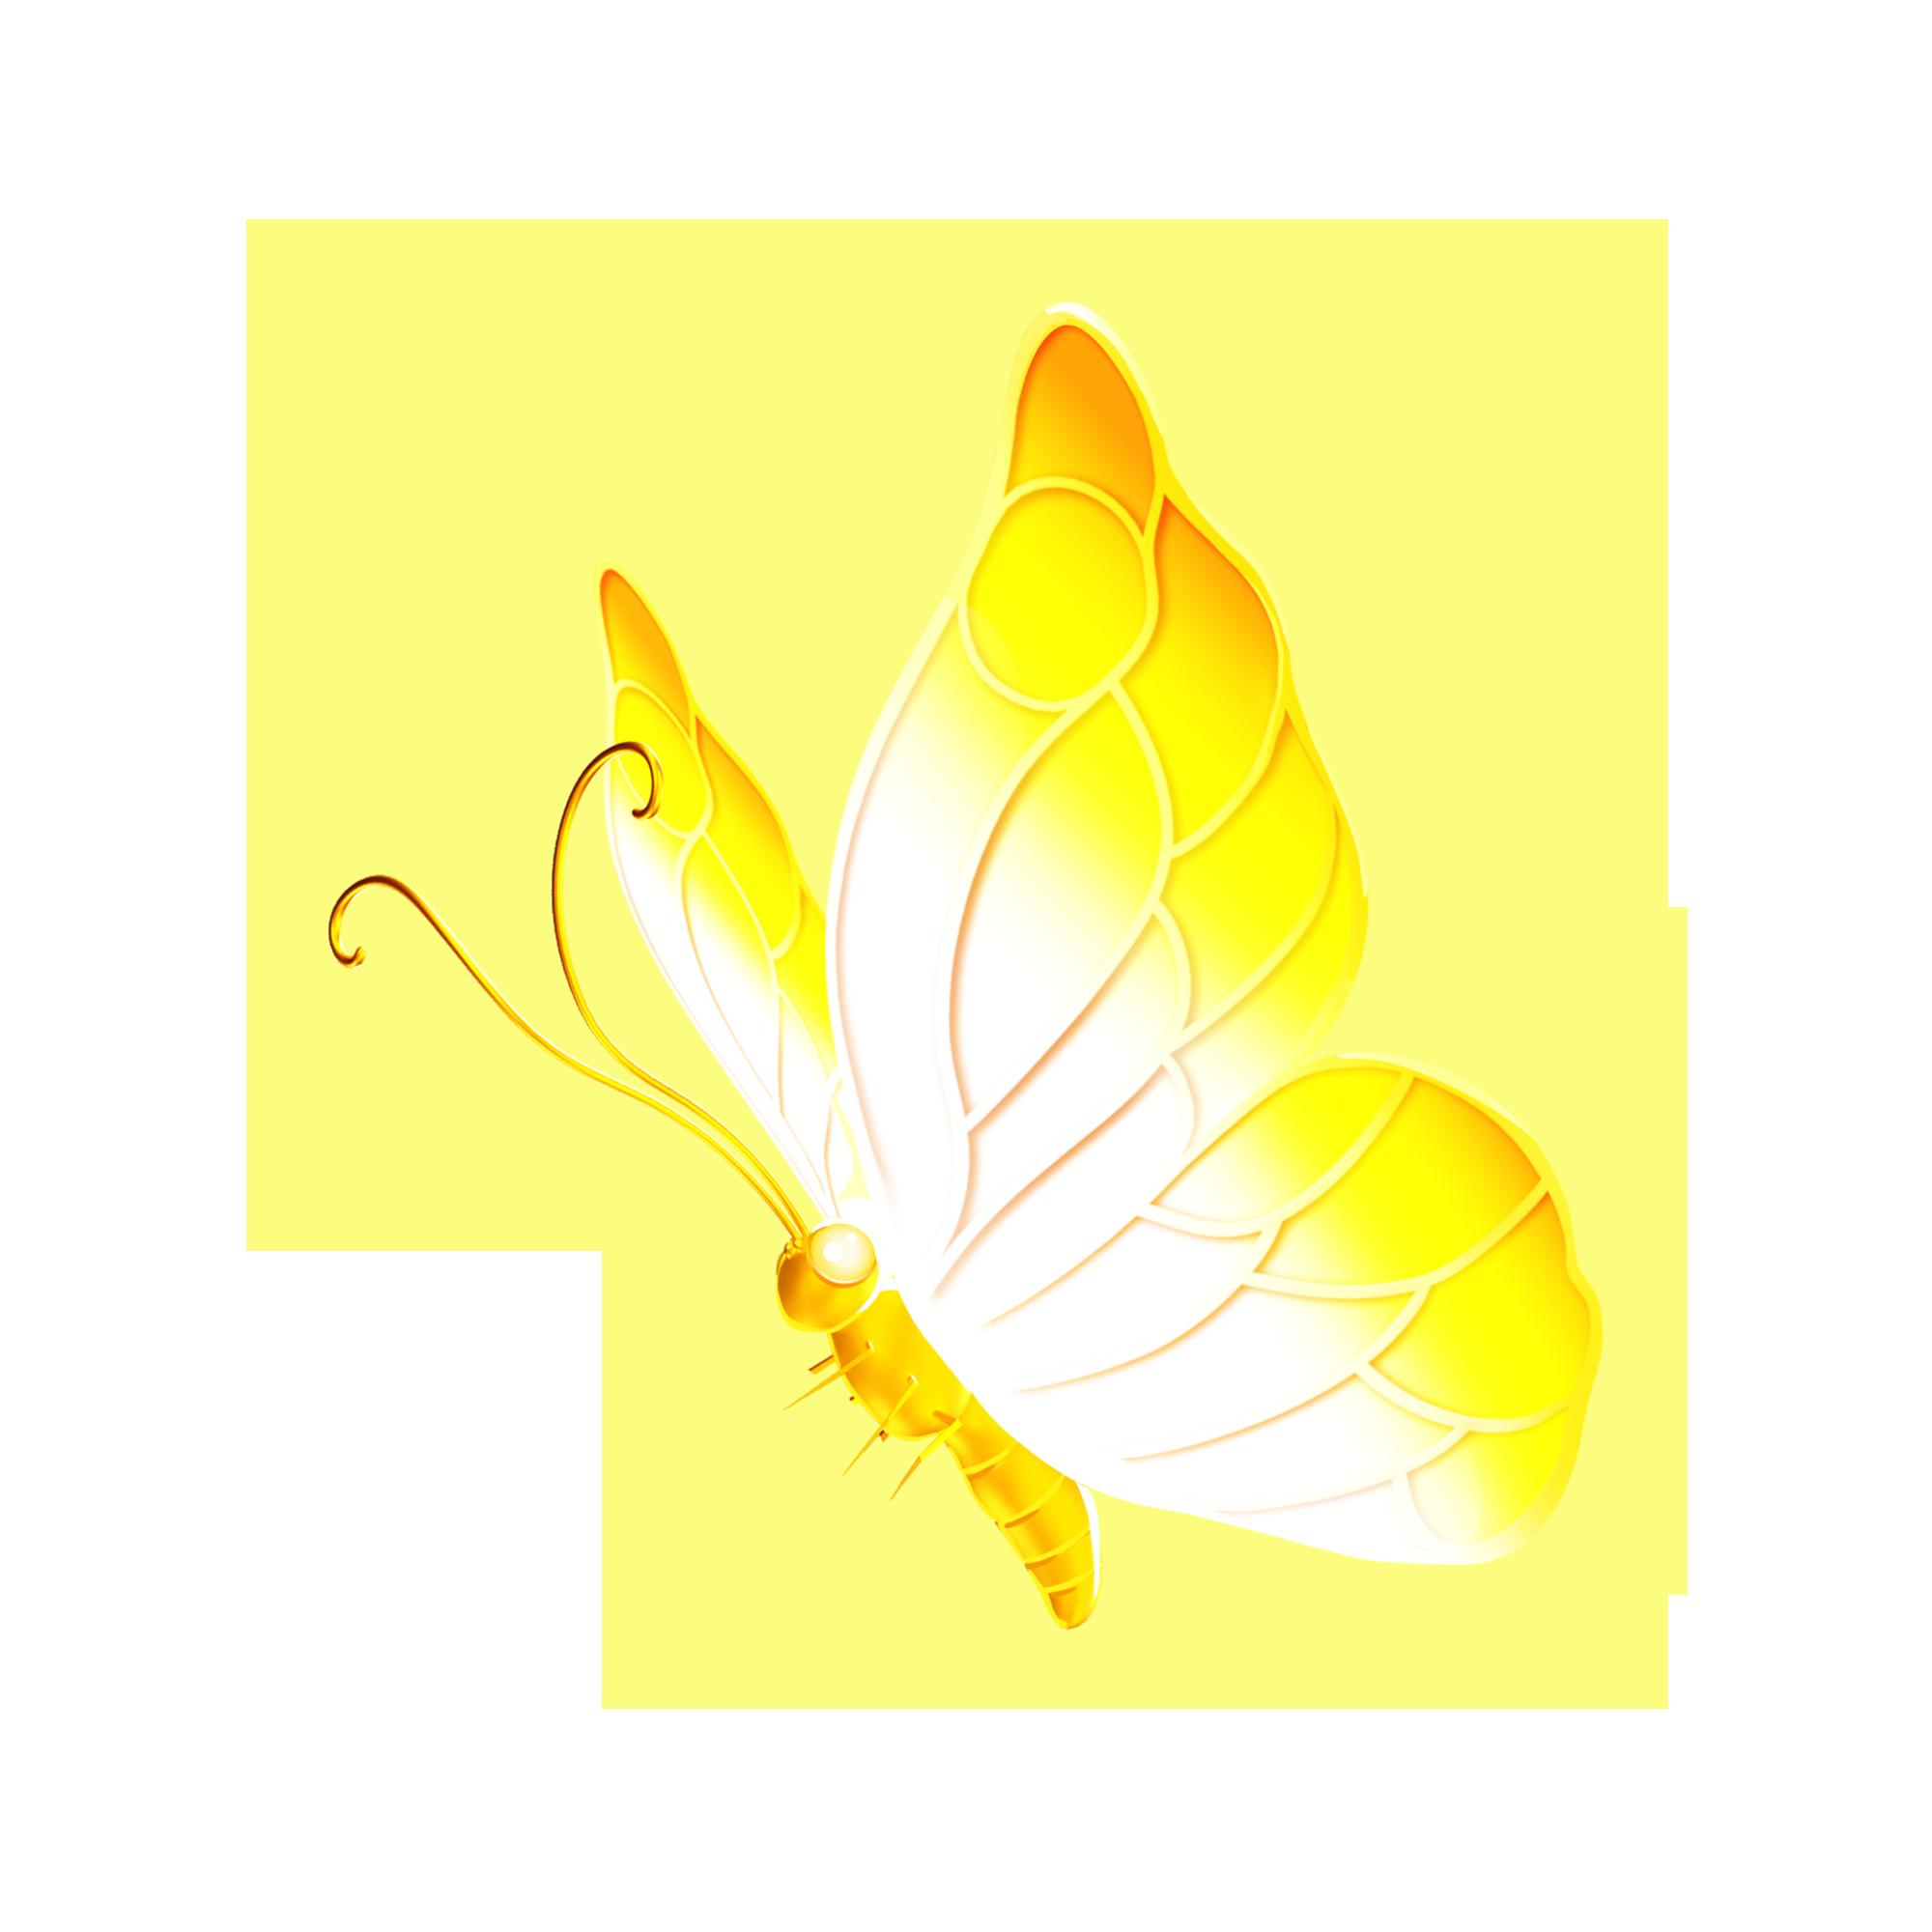 Obrázek - Zlatí motýlci až na 15 válcích